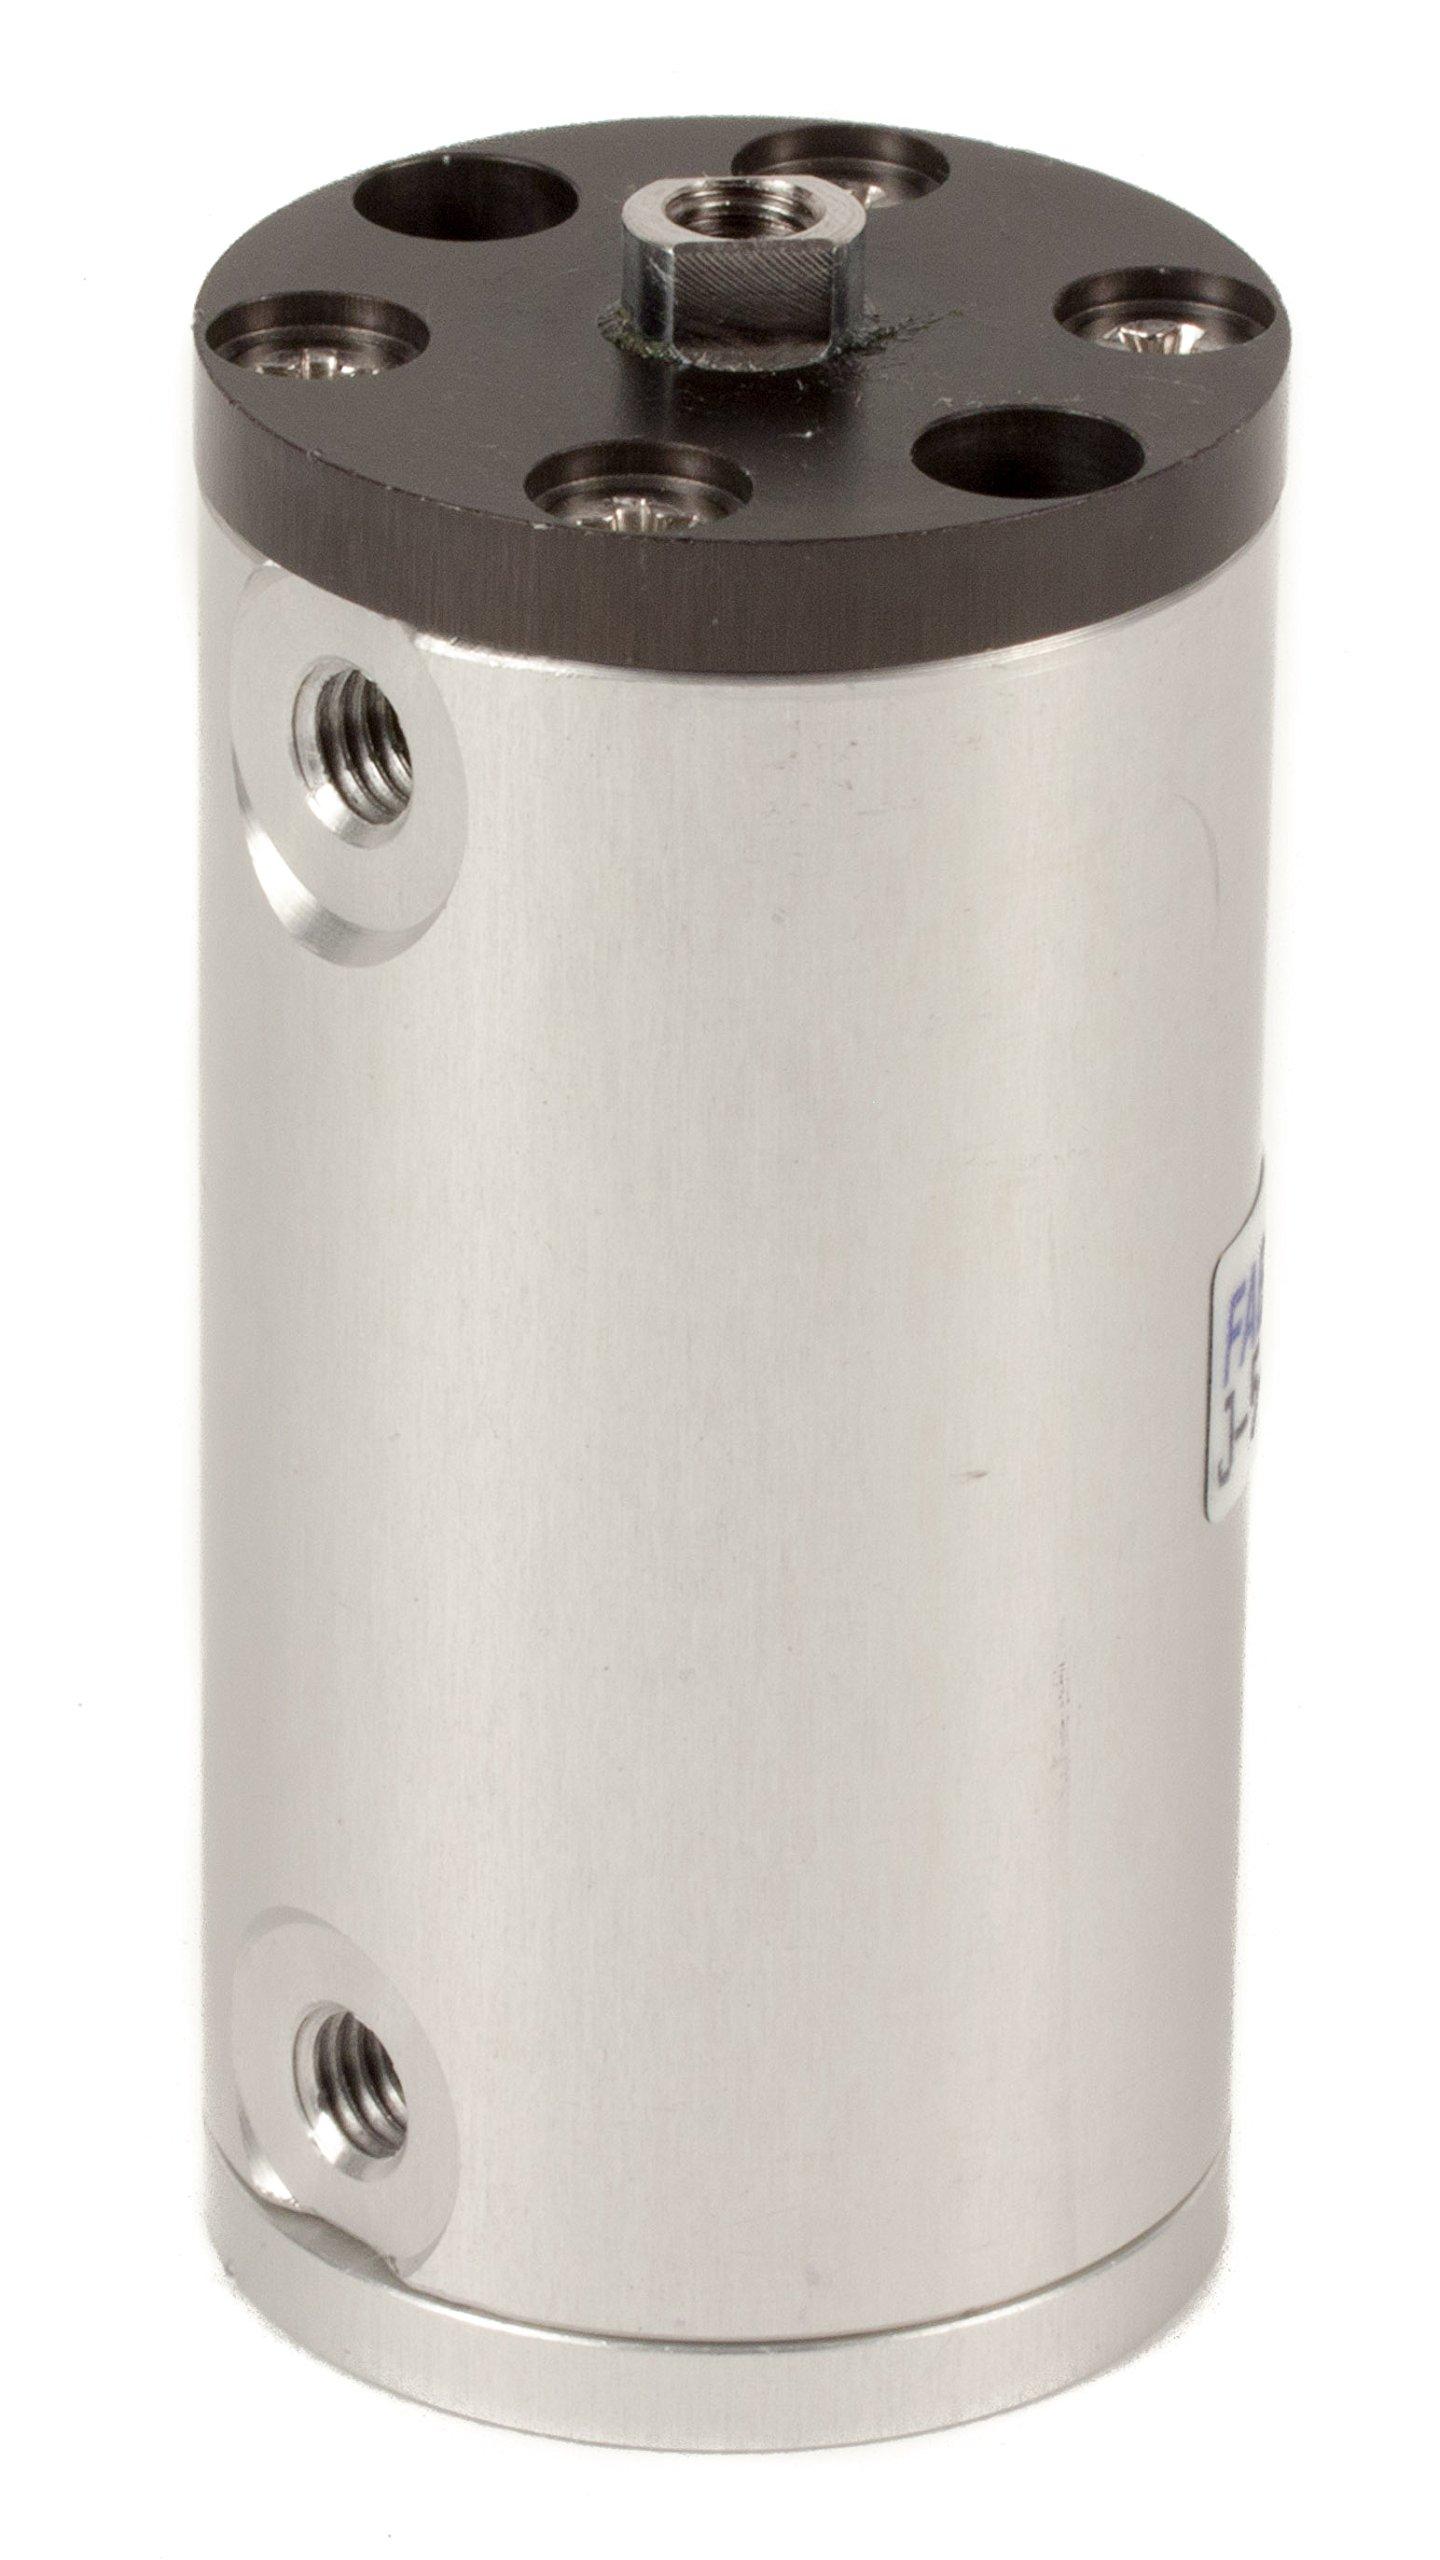 Fabco-Air K-5-X Original Pancake Cylinder, Double Acting, Maximum Pressure of 250 PSI, 1/2'' Bore Diameter x 2'' Stroke